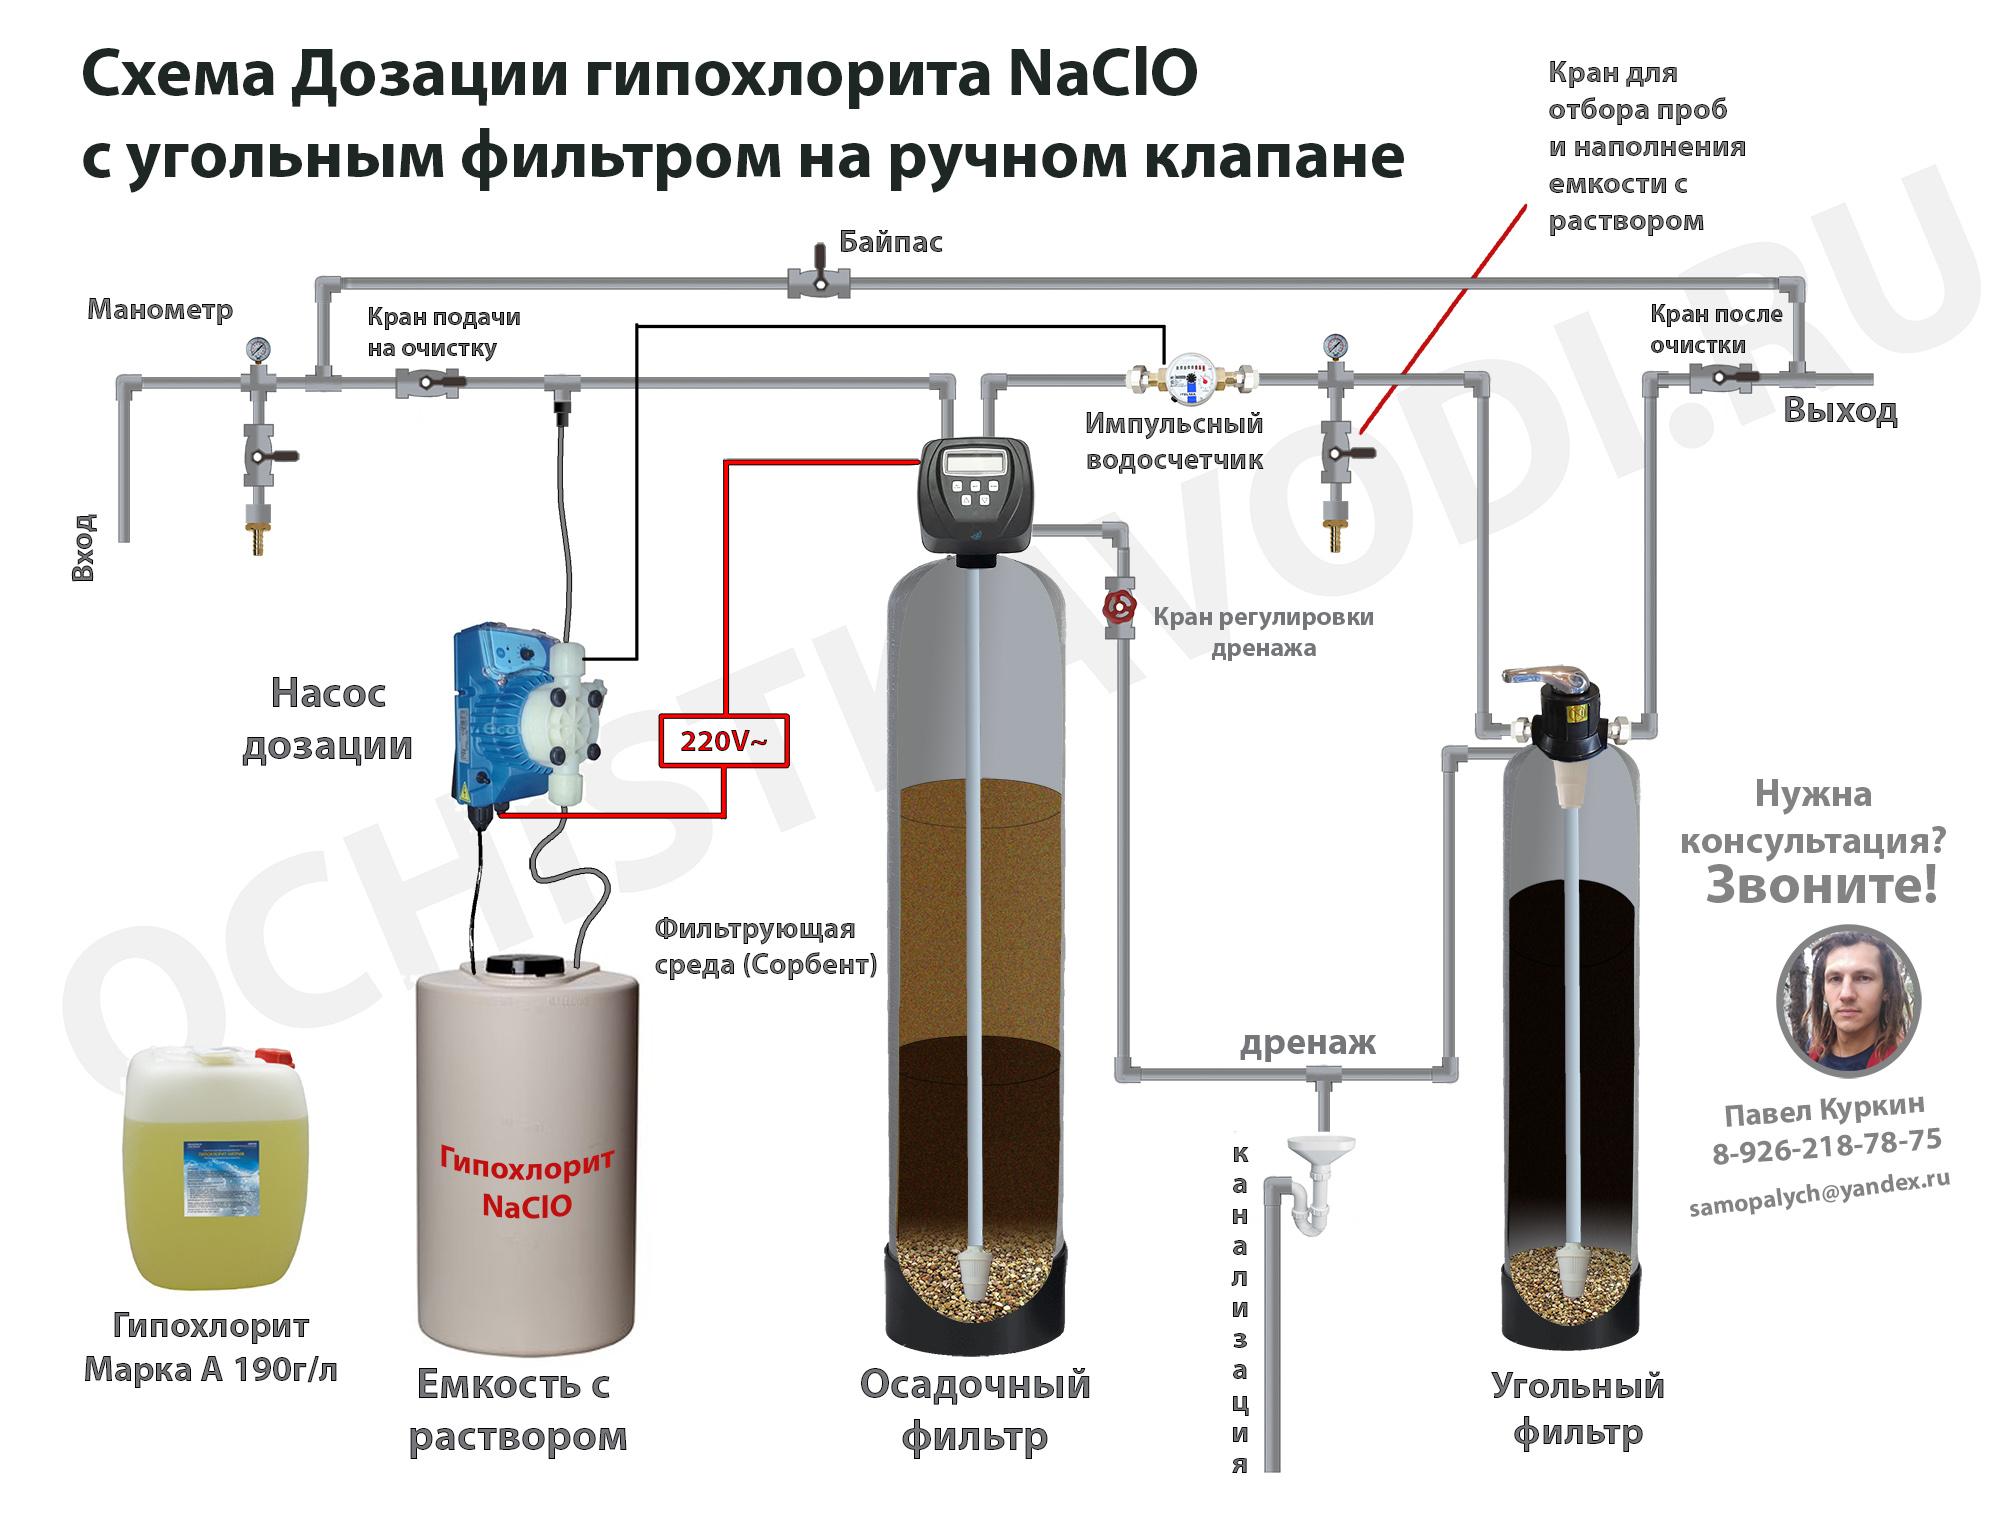 Схема обезжелезивания с дозацией гипохлорита